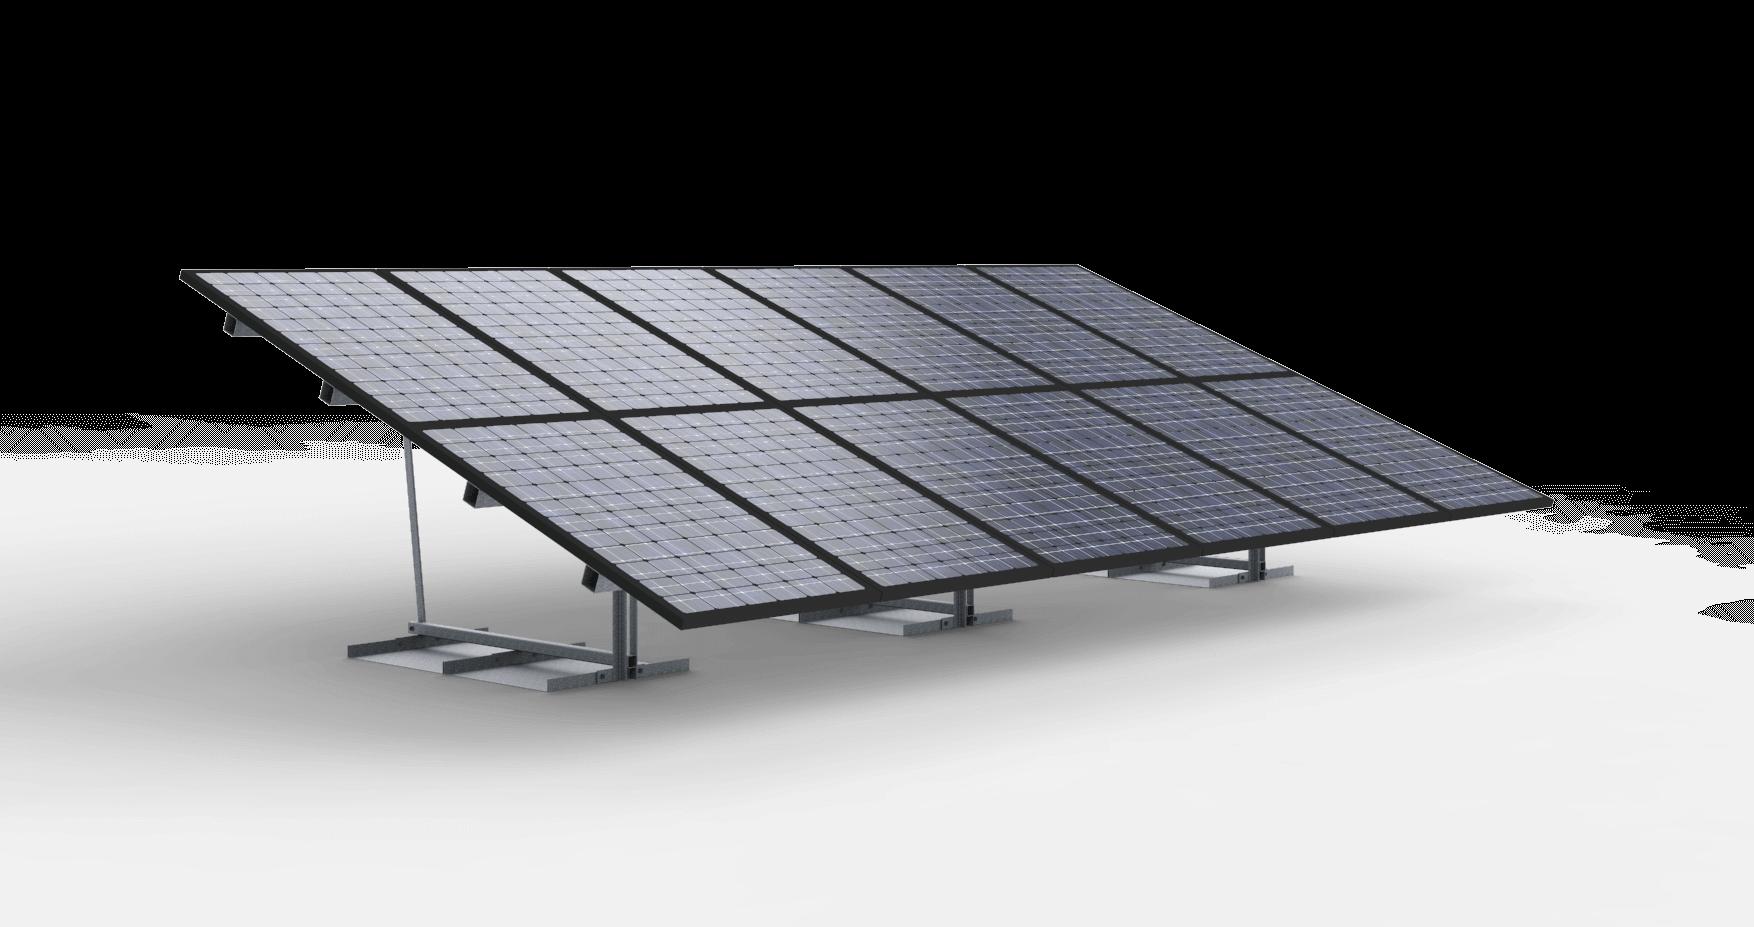 Vrije veldopstelling voor 12 zonnepanelen